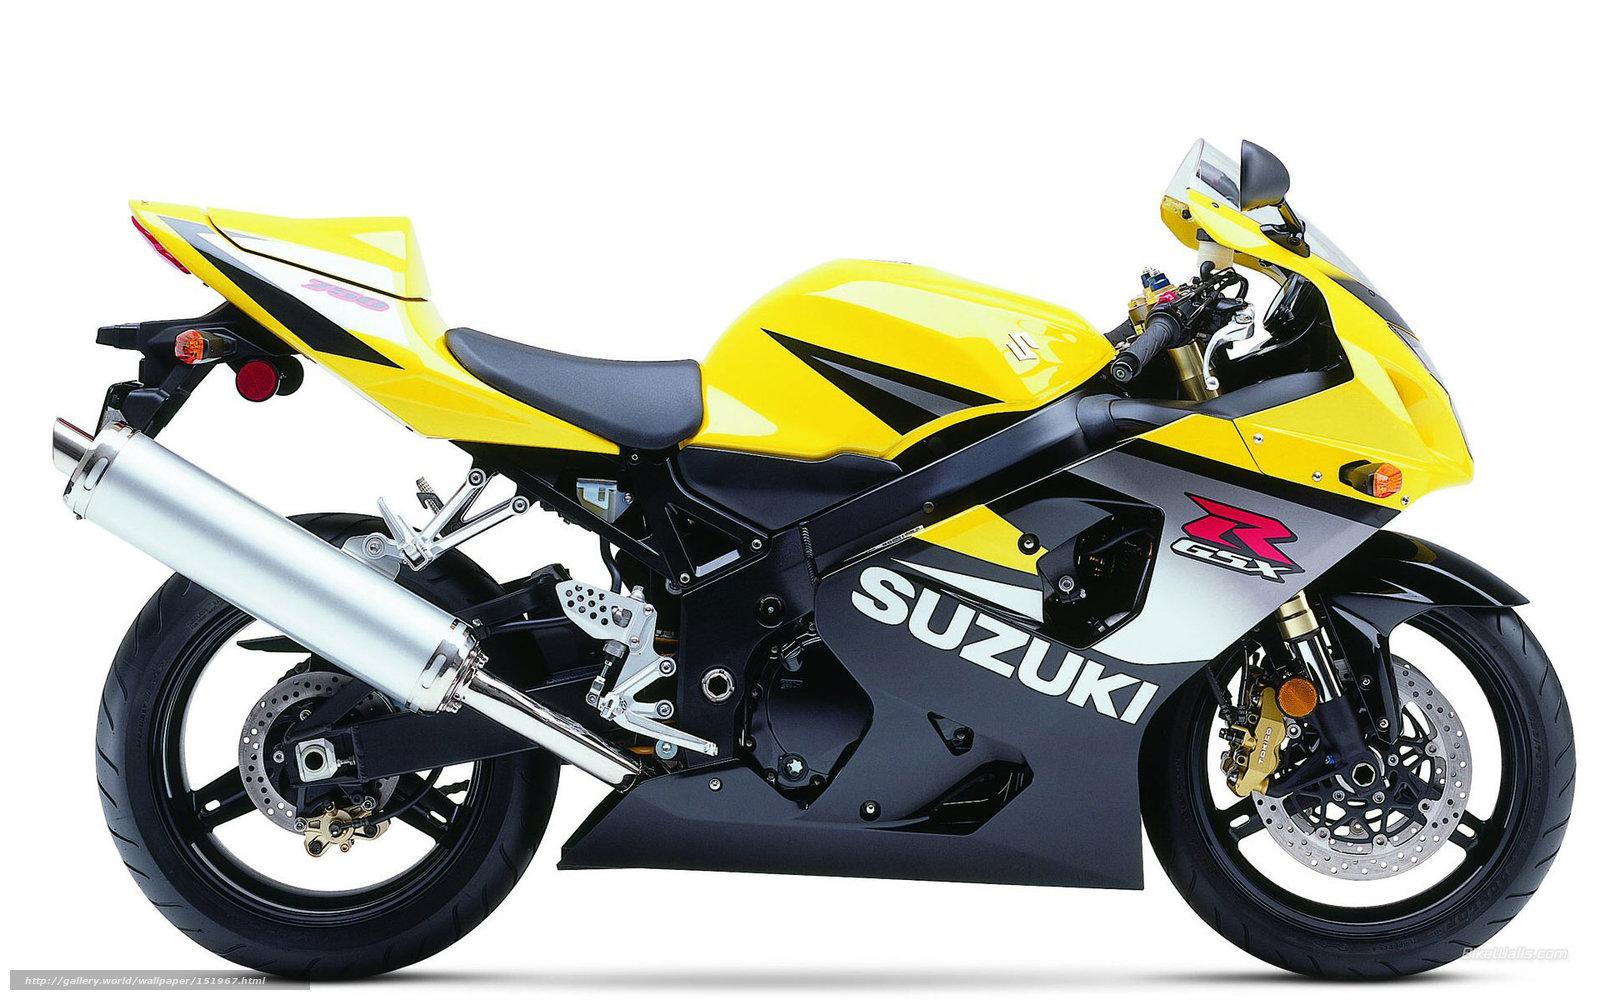 suzuki supersport gsx r750 - photo #4